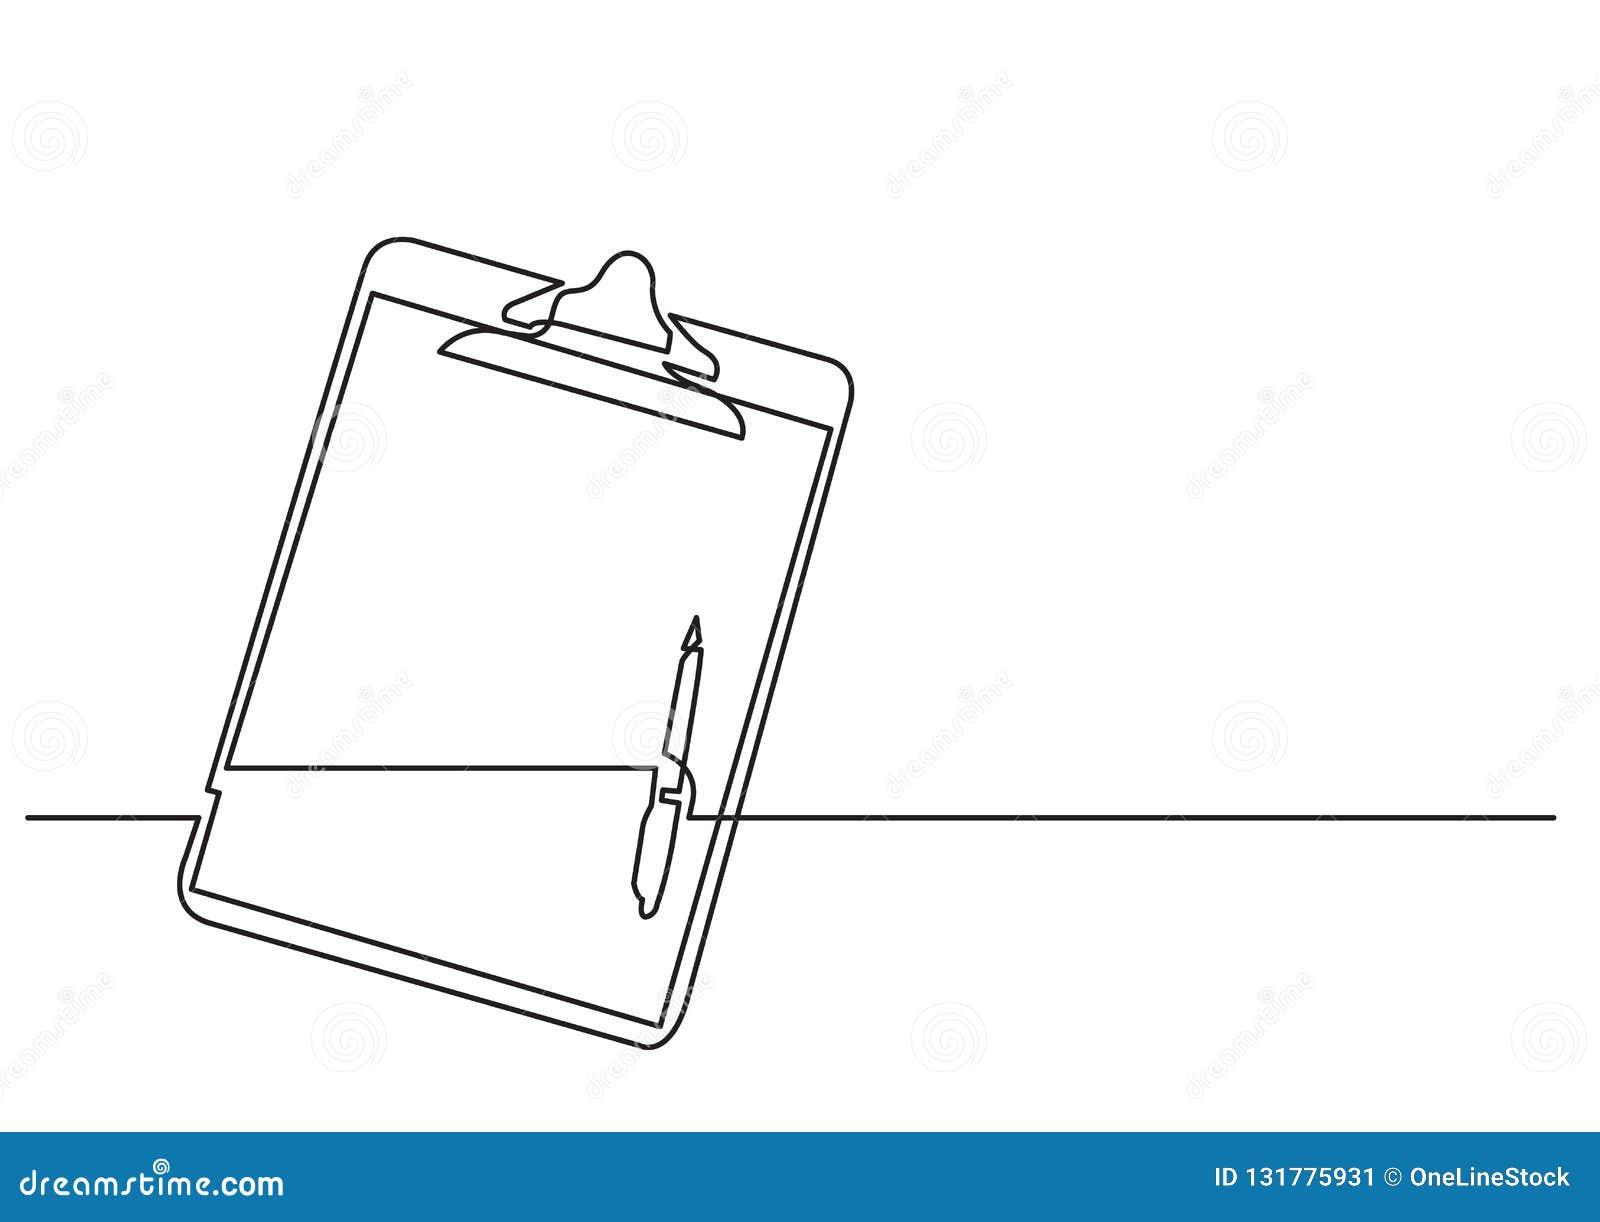 Ein Federzeichnung lokalisierter Vektorgegenstand - Klemmbrett mit Stift